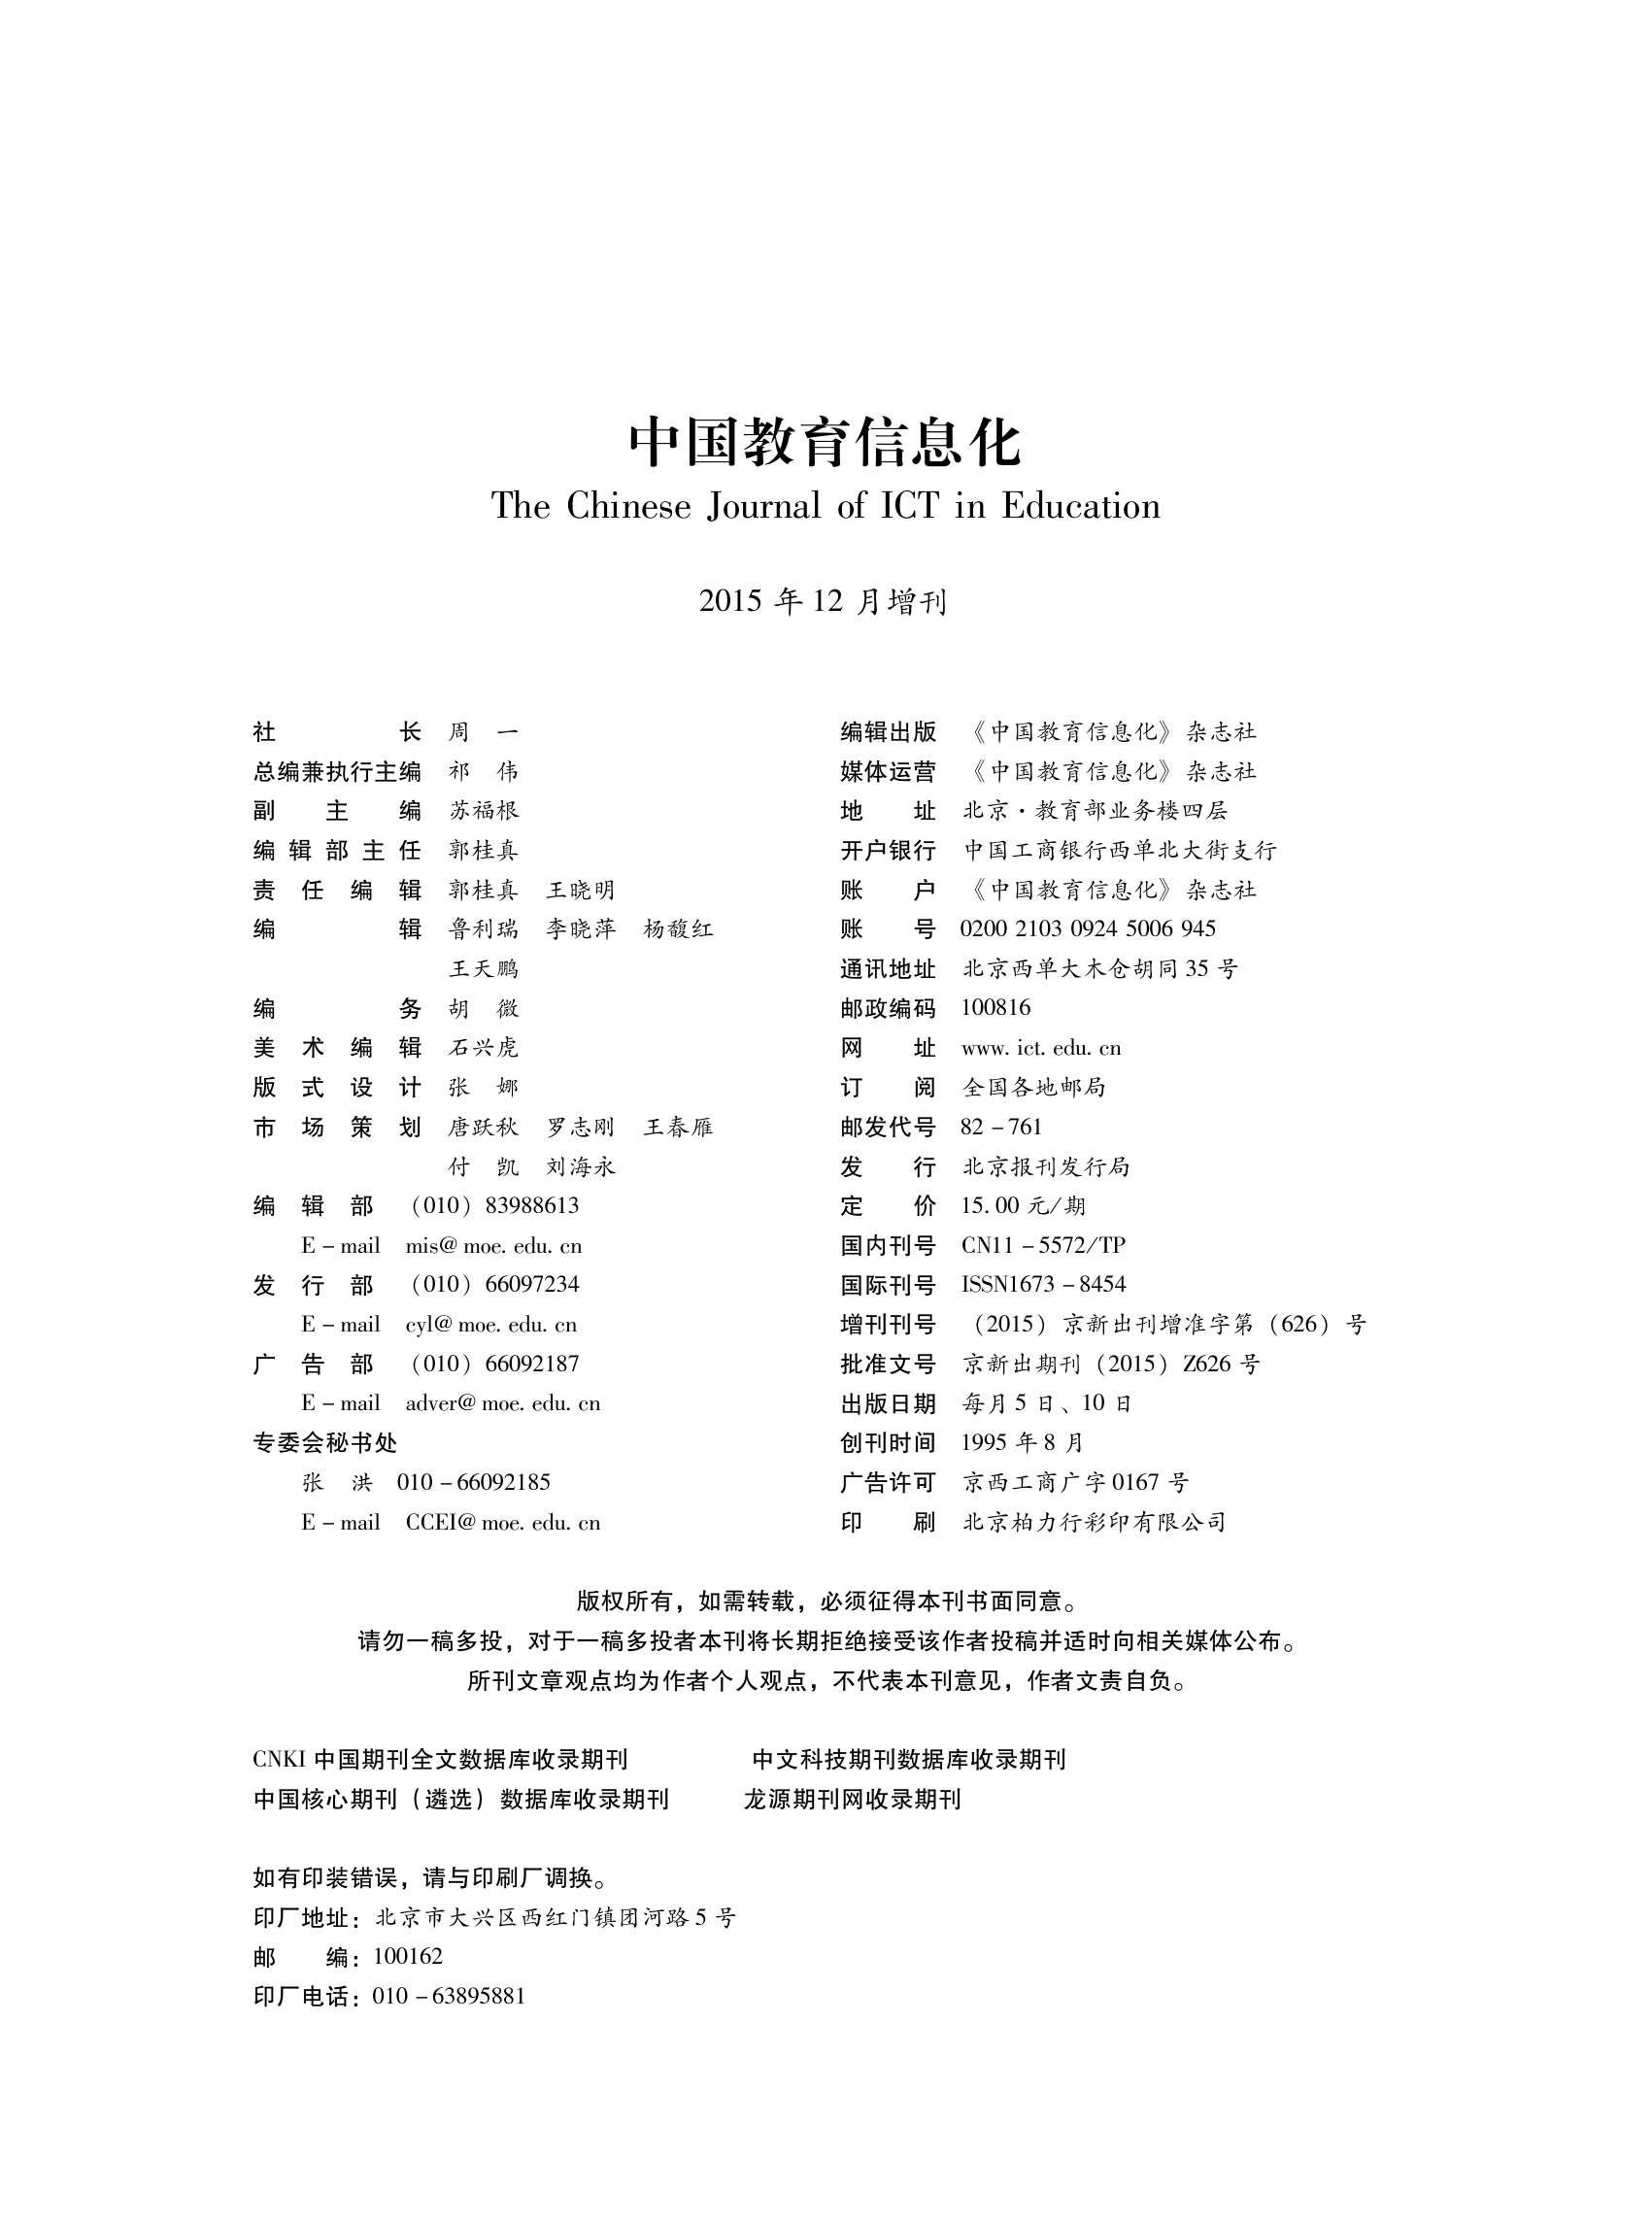 2015年中国互联网学习白皮书_000002